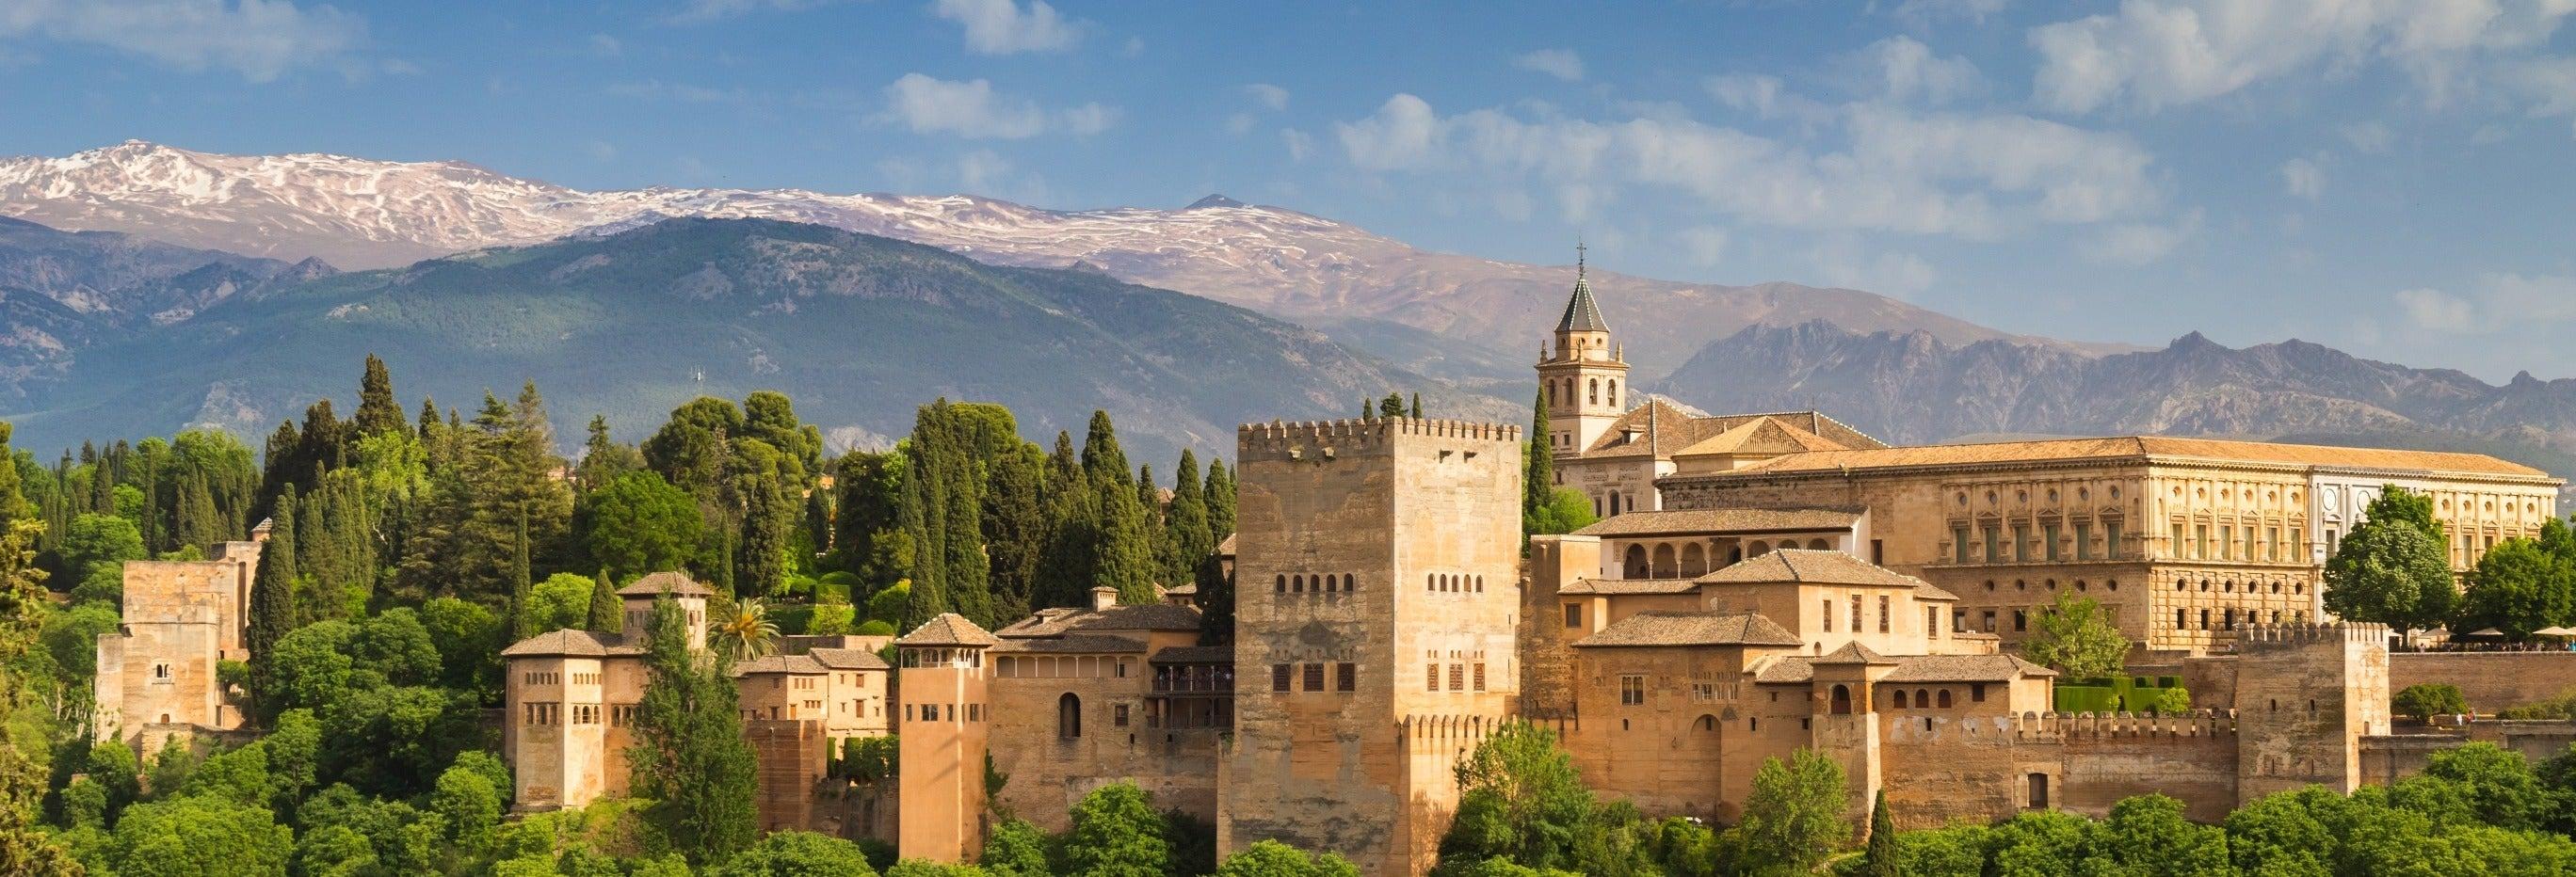 Escursione a Granada con visita dell'Alhambra